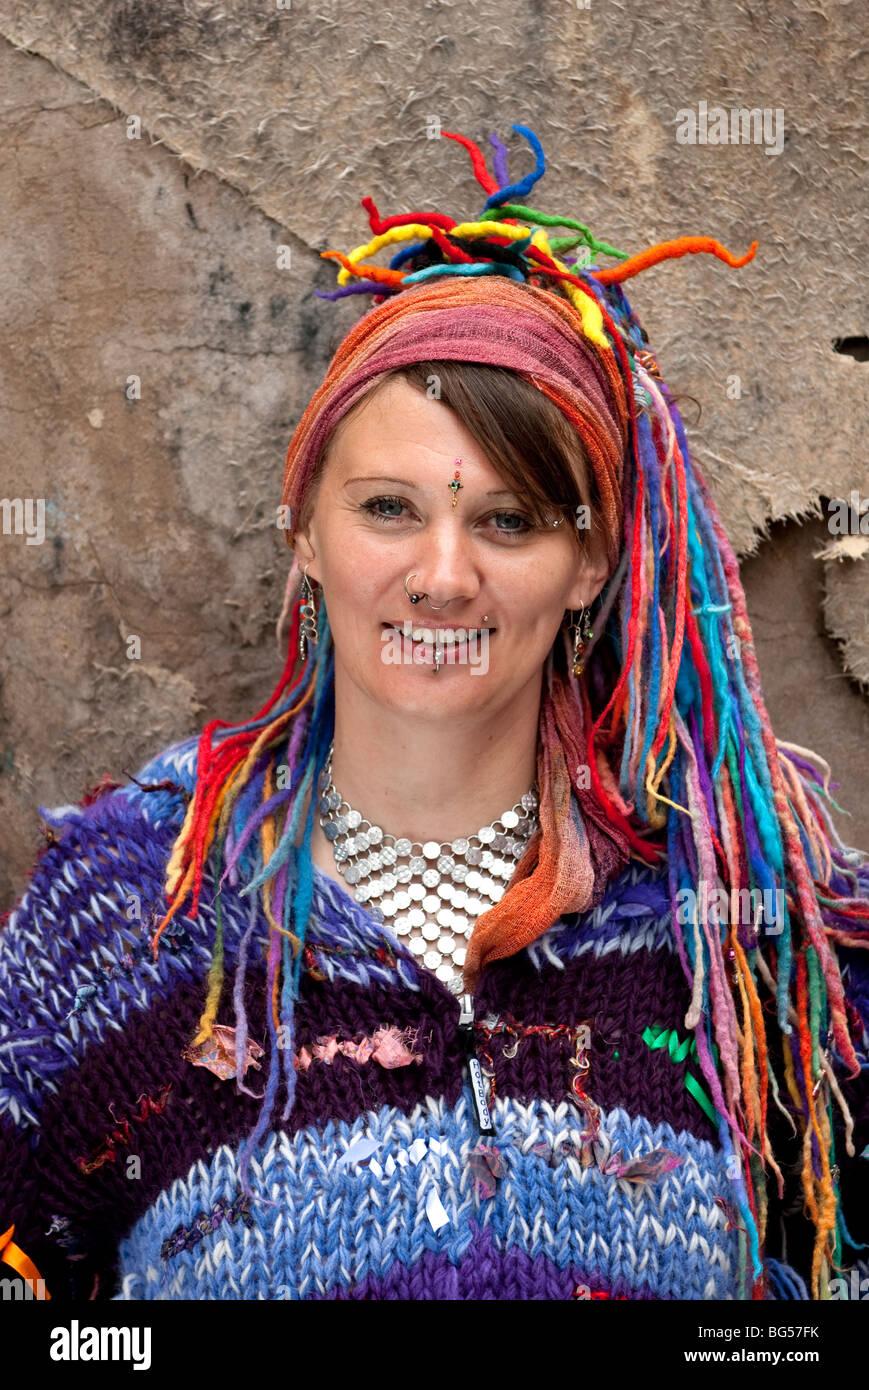 7df1043f13ed Giovane donna Hippy con multi capelli colorati e abbigliamento alternativo  modello completamente rilasciato